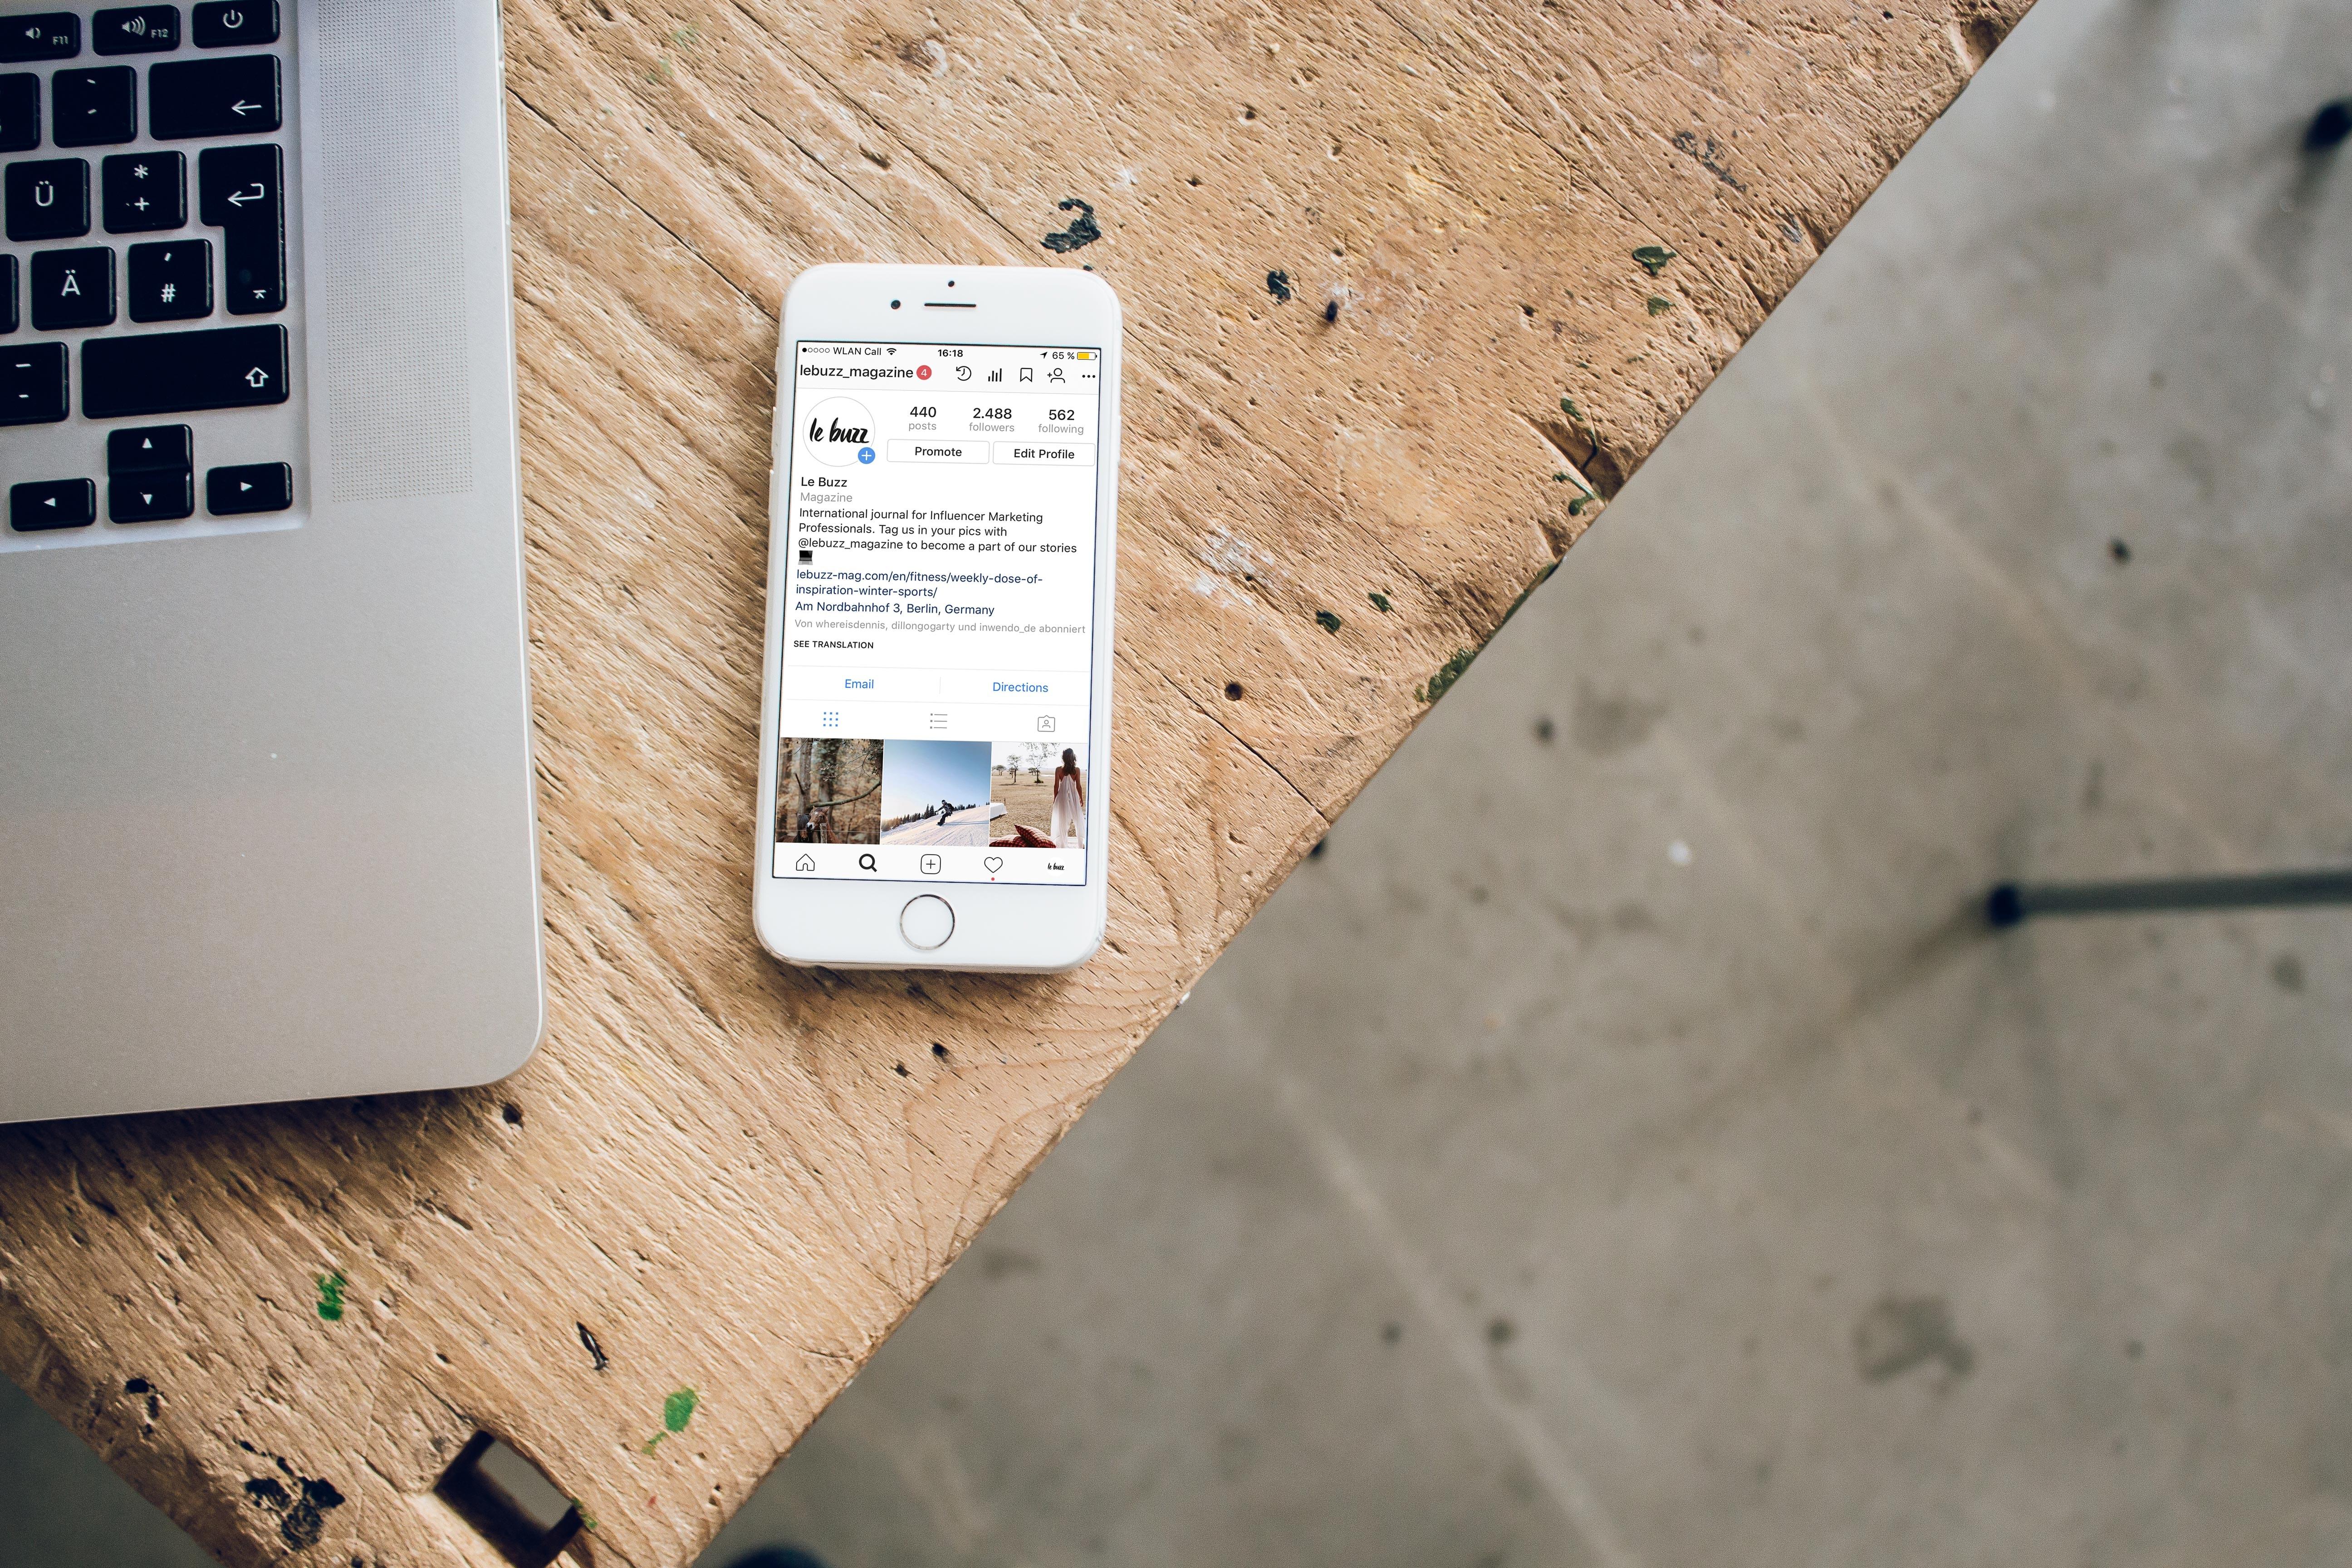 популярные инстаграм аккаунты баннер